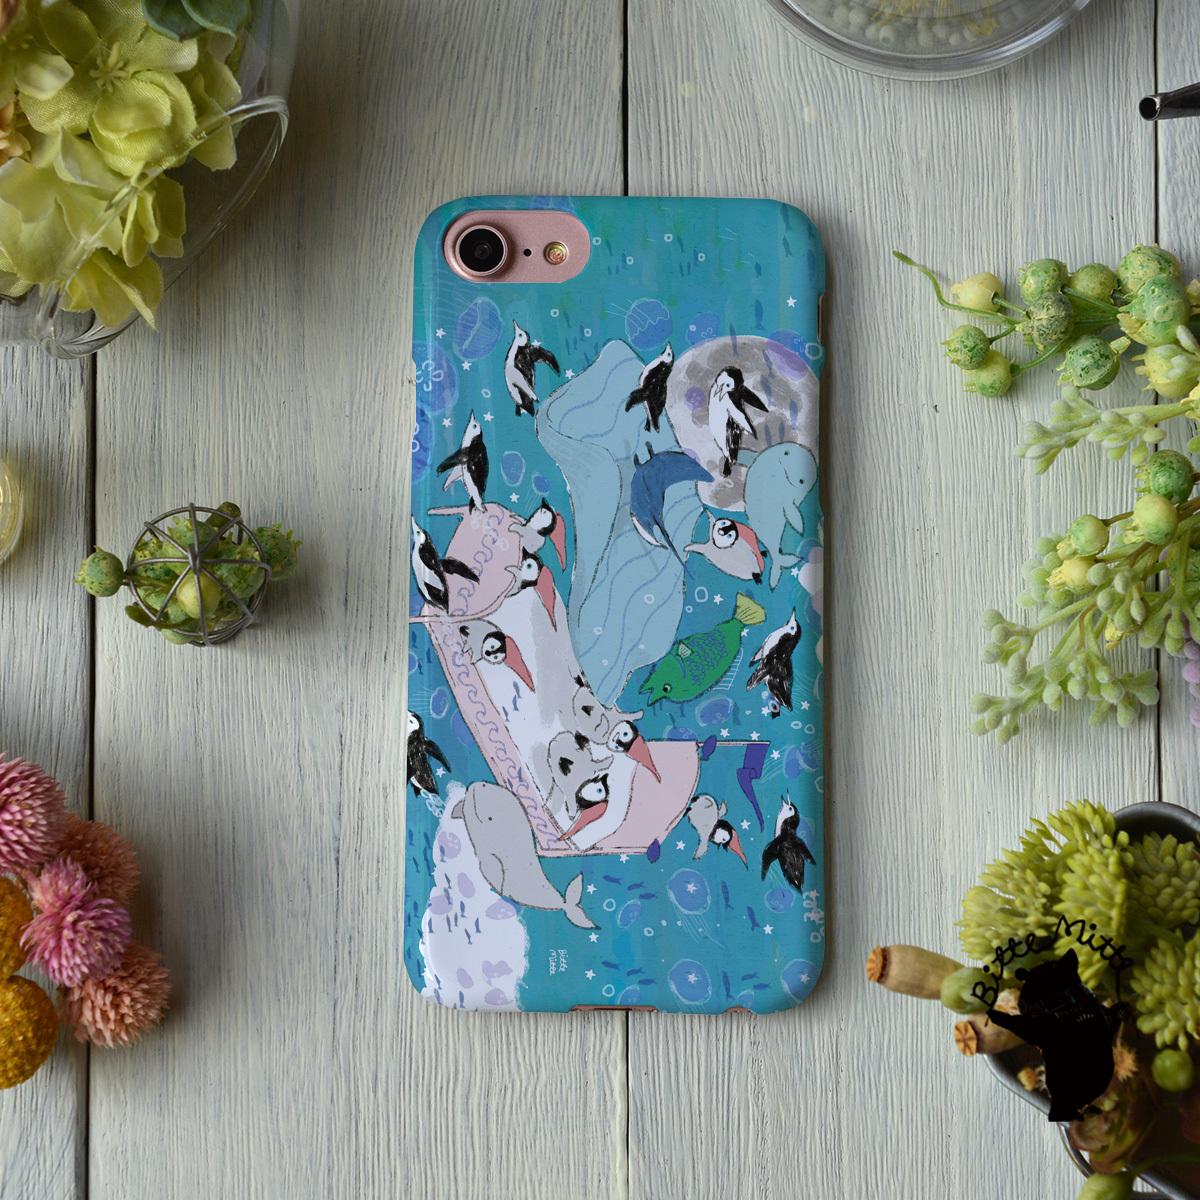 iphone8 ハードケース おしゃれ iphone8 ハードケース シンプル iphone7 ケース かわいい ペンギン イルカ 海 海の中でおやすみ/Bitte Mitte!